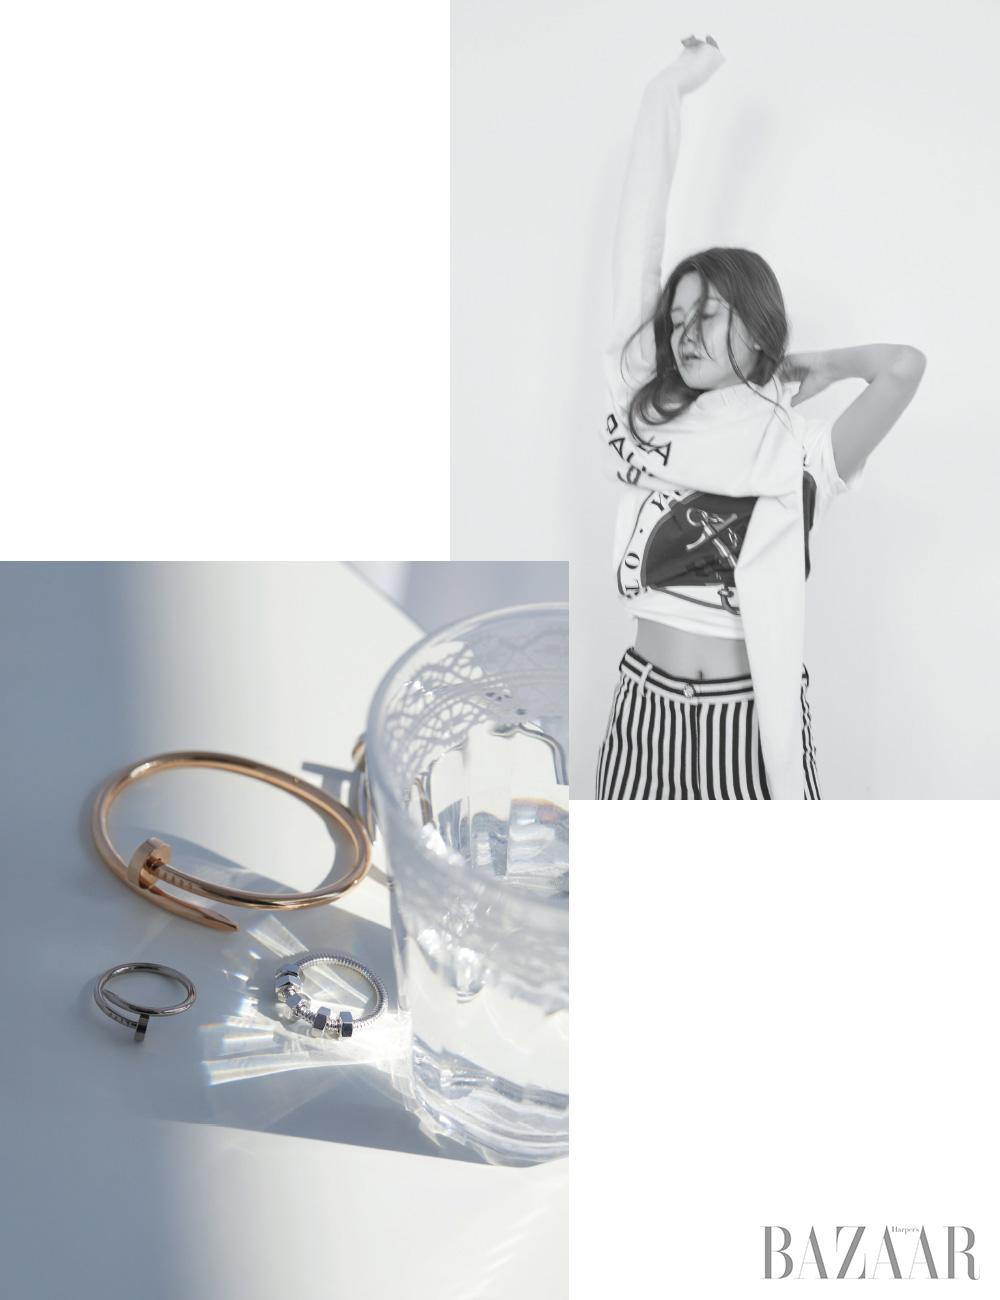 (왼쪽)못 모티프의 뱅글은 8백20만원대, 반지는 1백40만원대, 너트 모티프의 반지는 2백90만원대 모두 Cartier.(오른쪽)티셔츠는 11만원대 Polo Ralph Lauren, 니트웨어, 와이드 팬츠는 모두 가격 미정 Chanel.